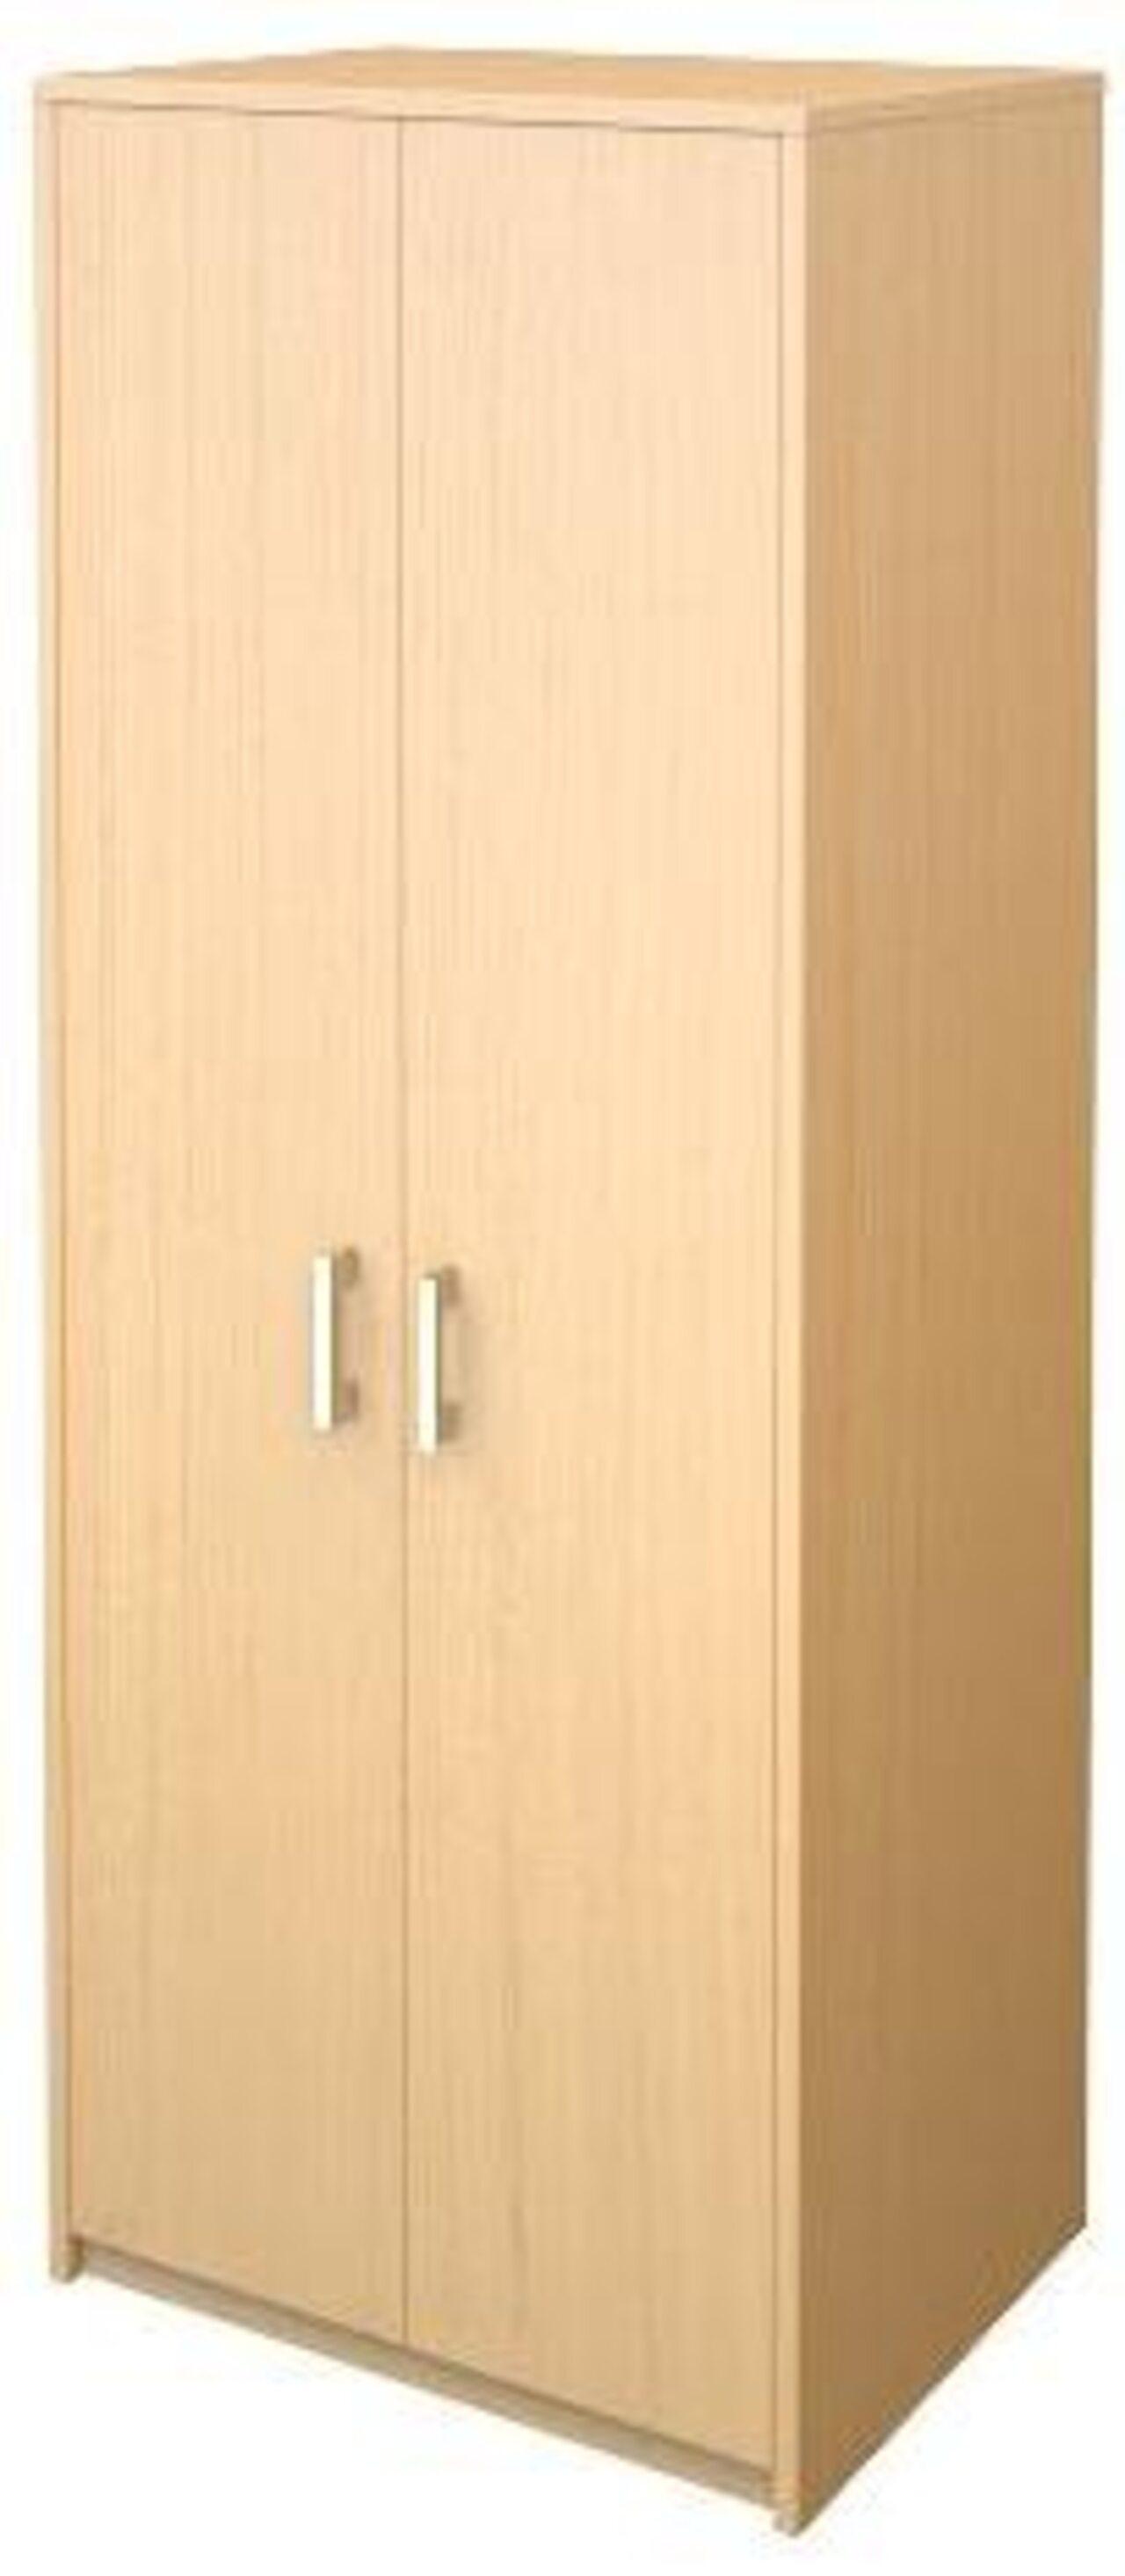 Шкаф для одежды  Арго 77x58x200 - фото 7